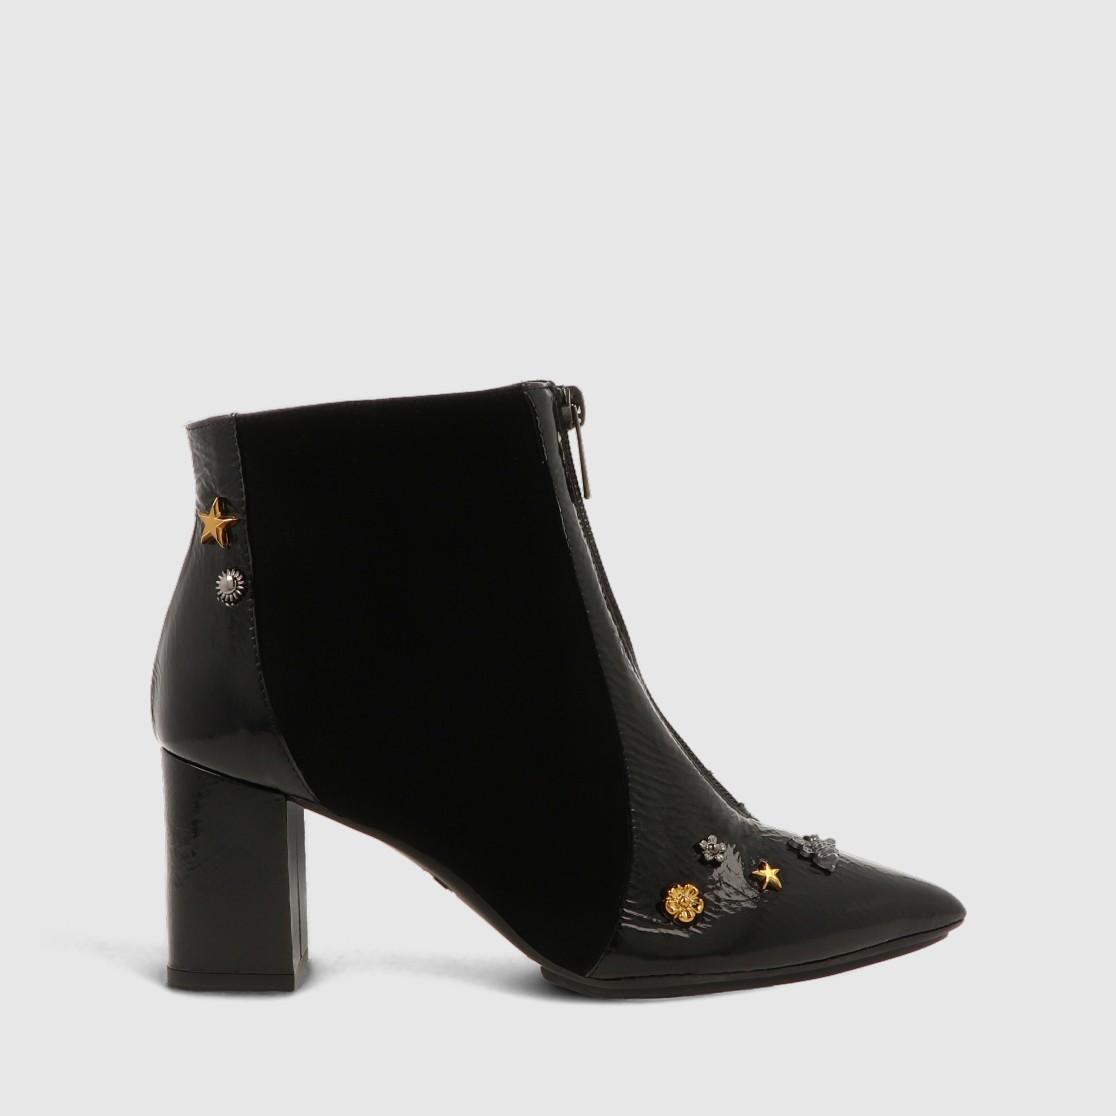 Botines de charol de color negro con cremallera delantera y adornos